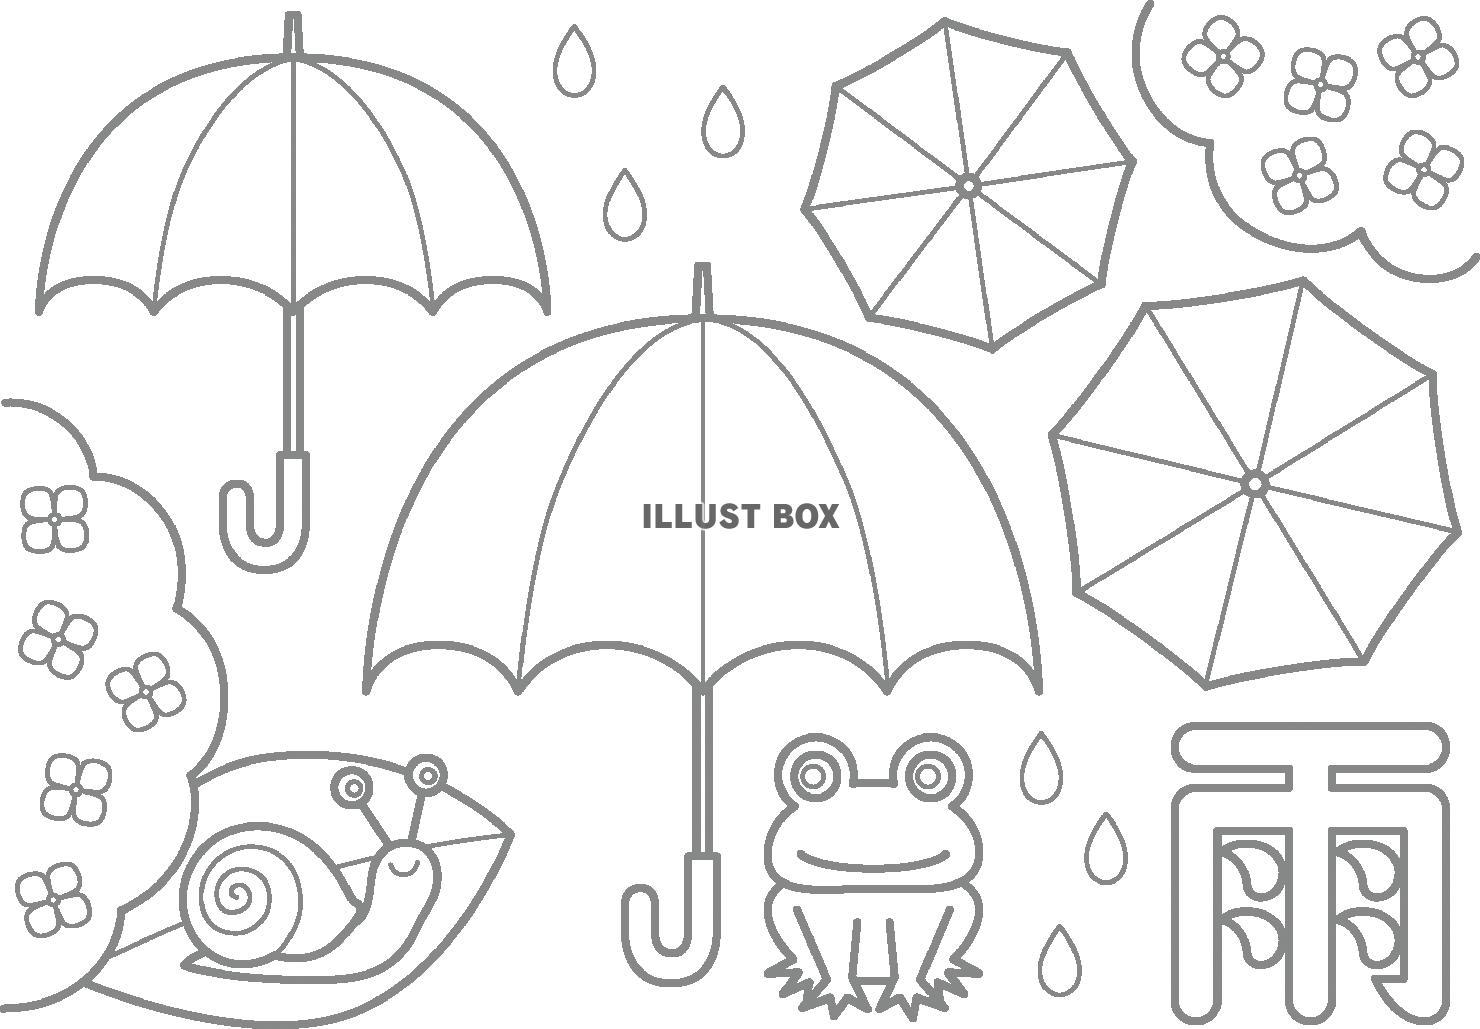 無料イラスト 雨の日の塗り絵